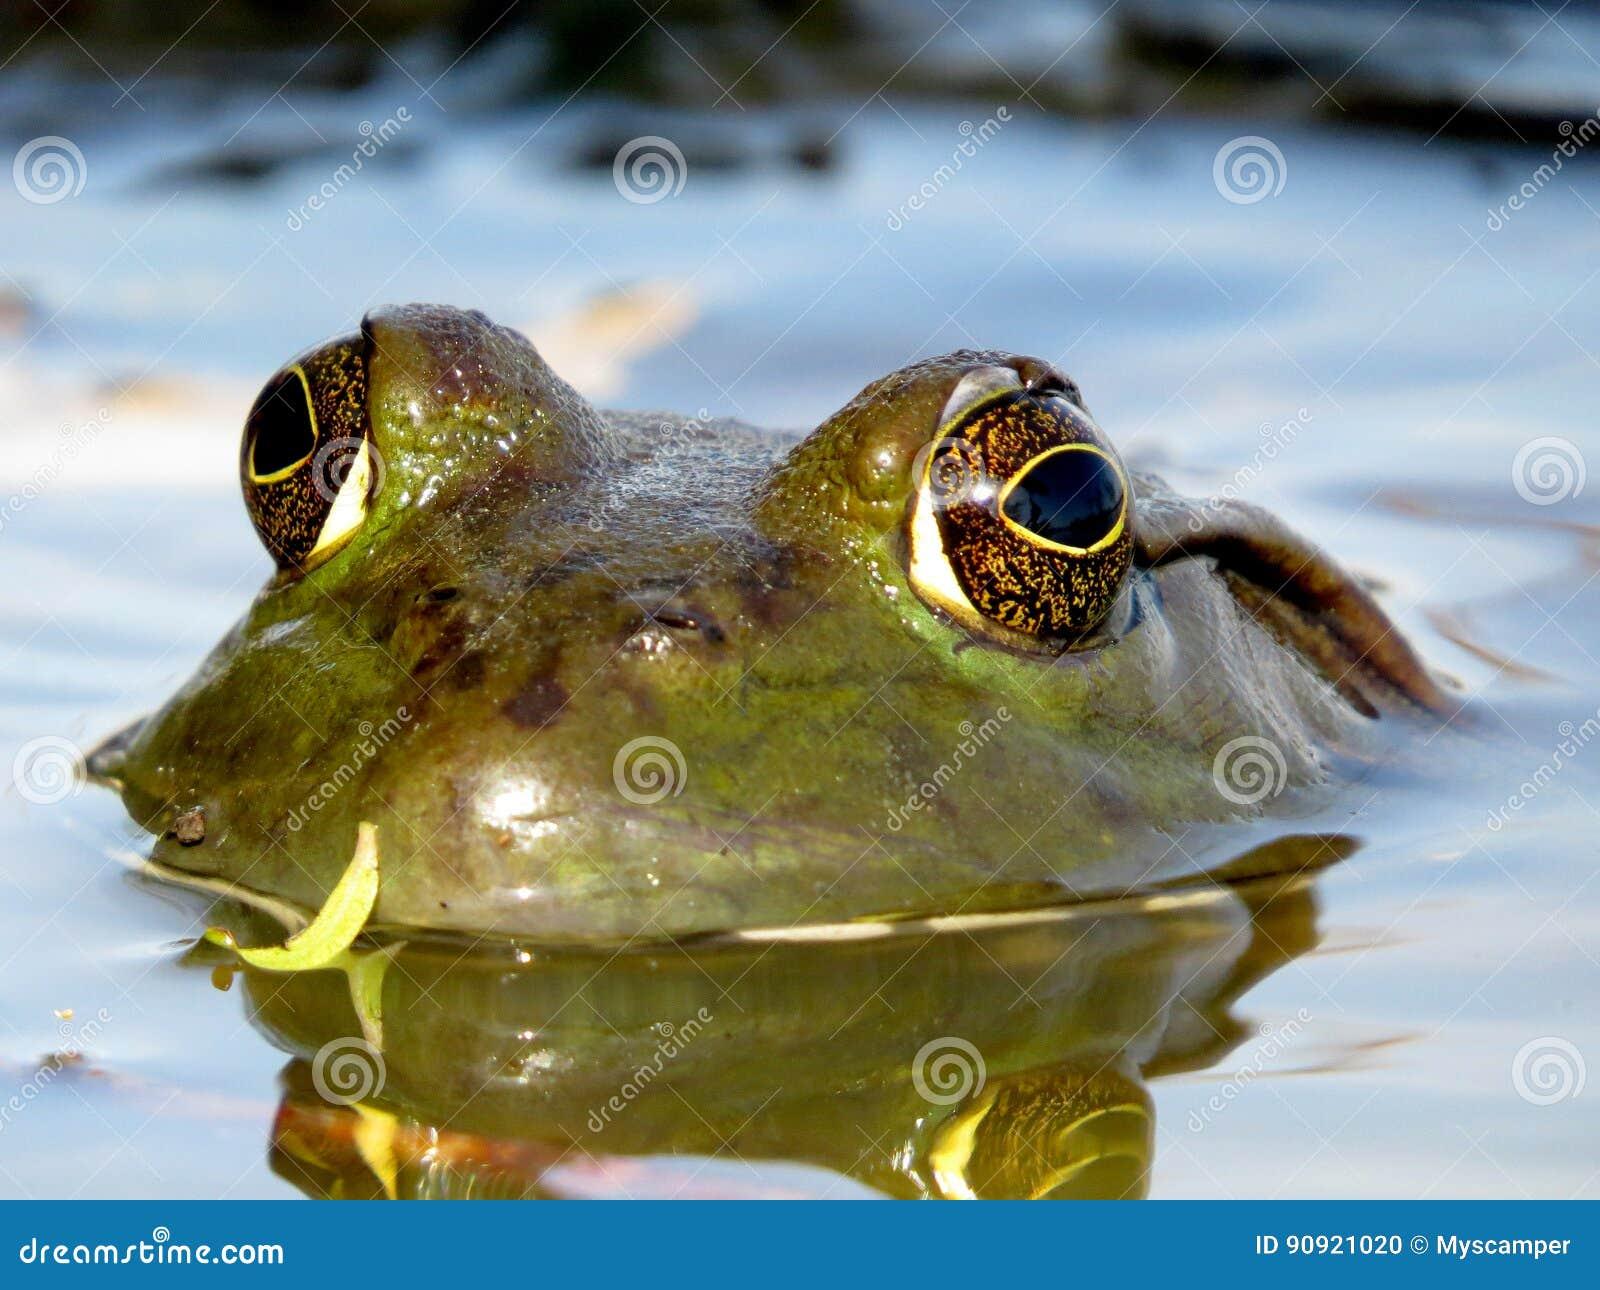 American Bullfrog Eyes